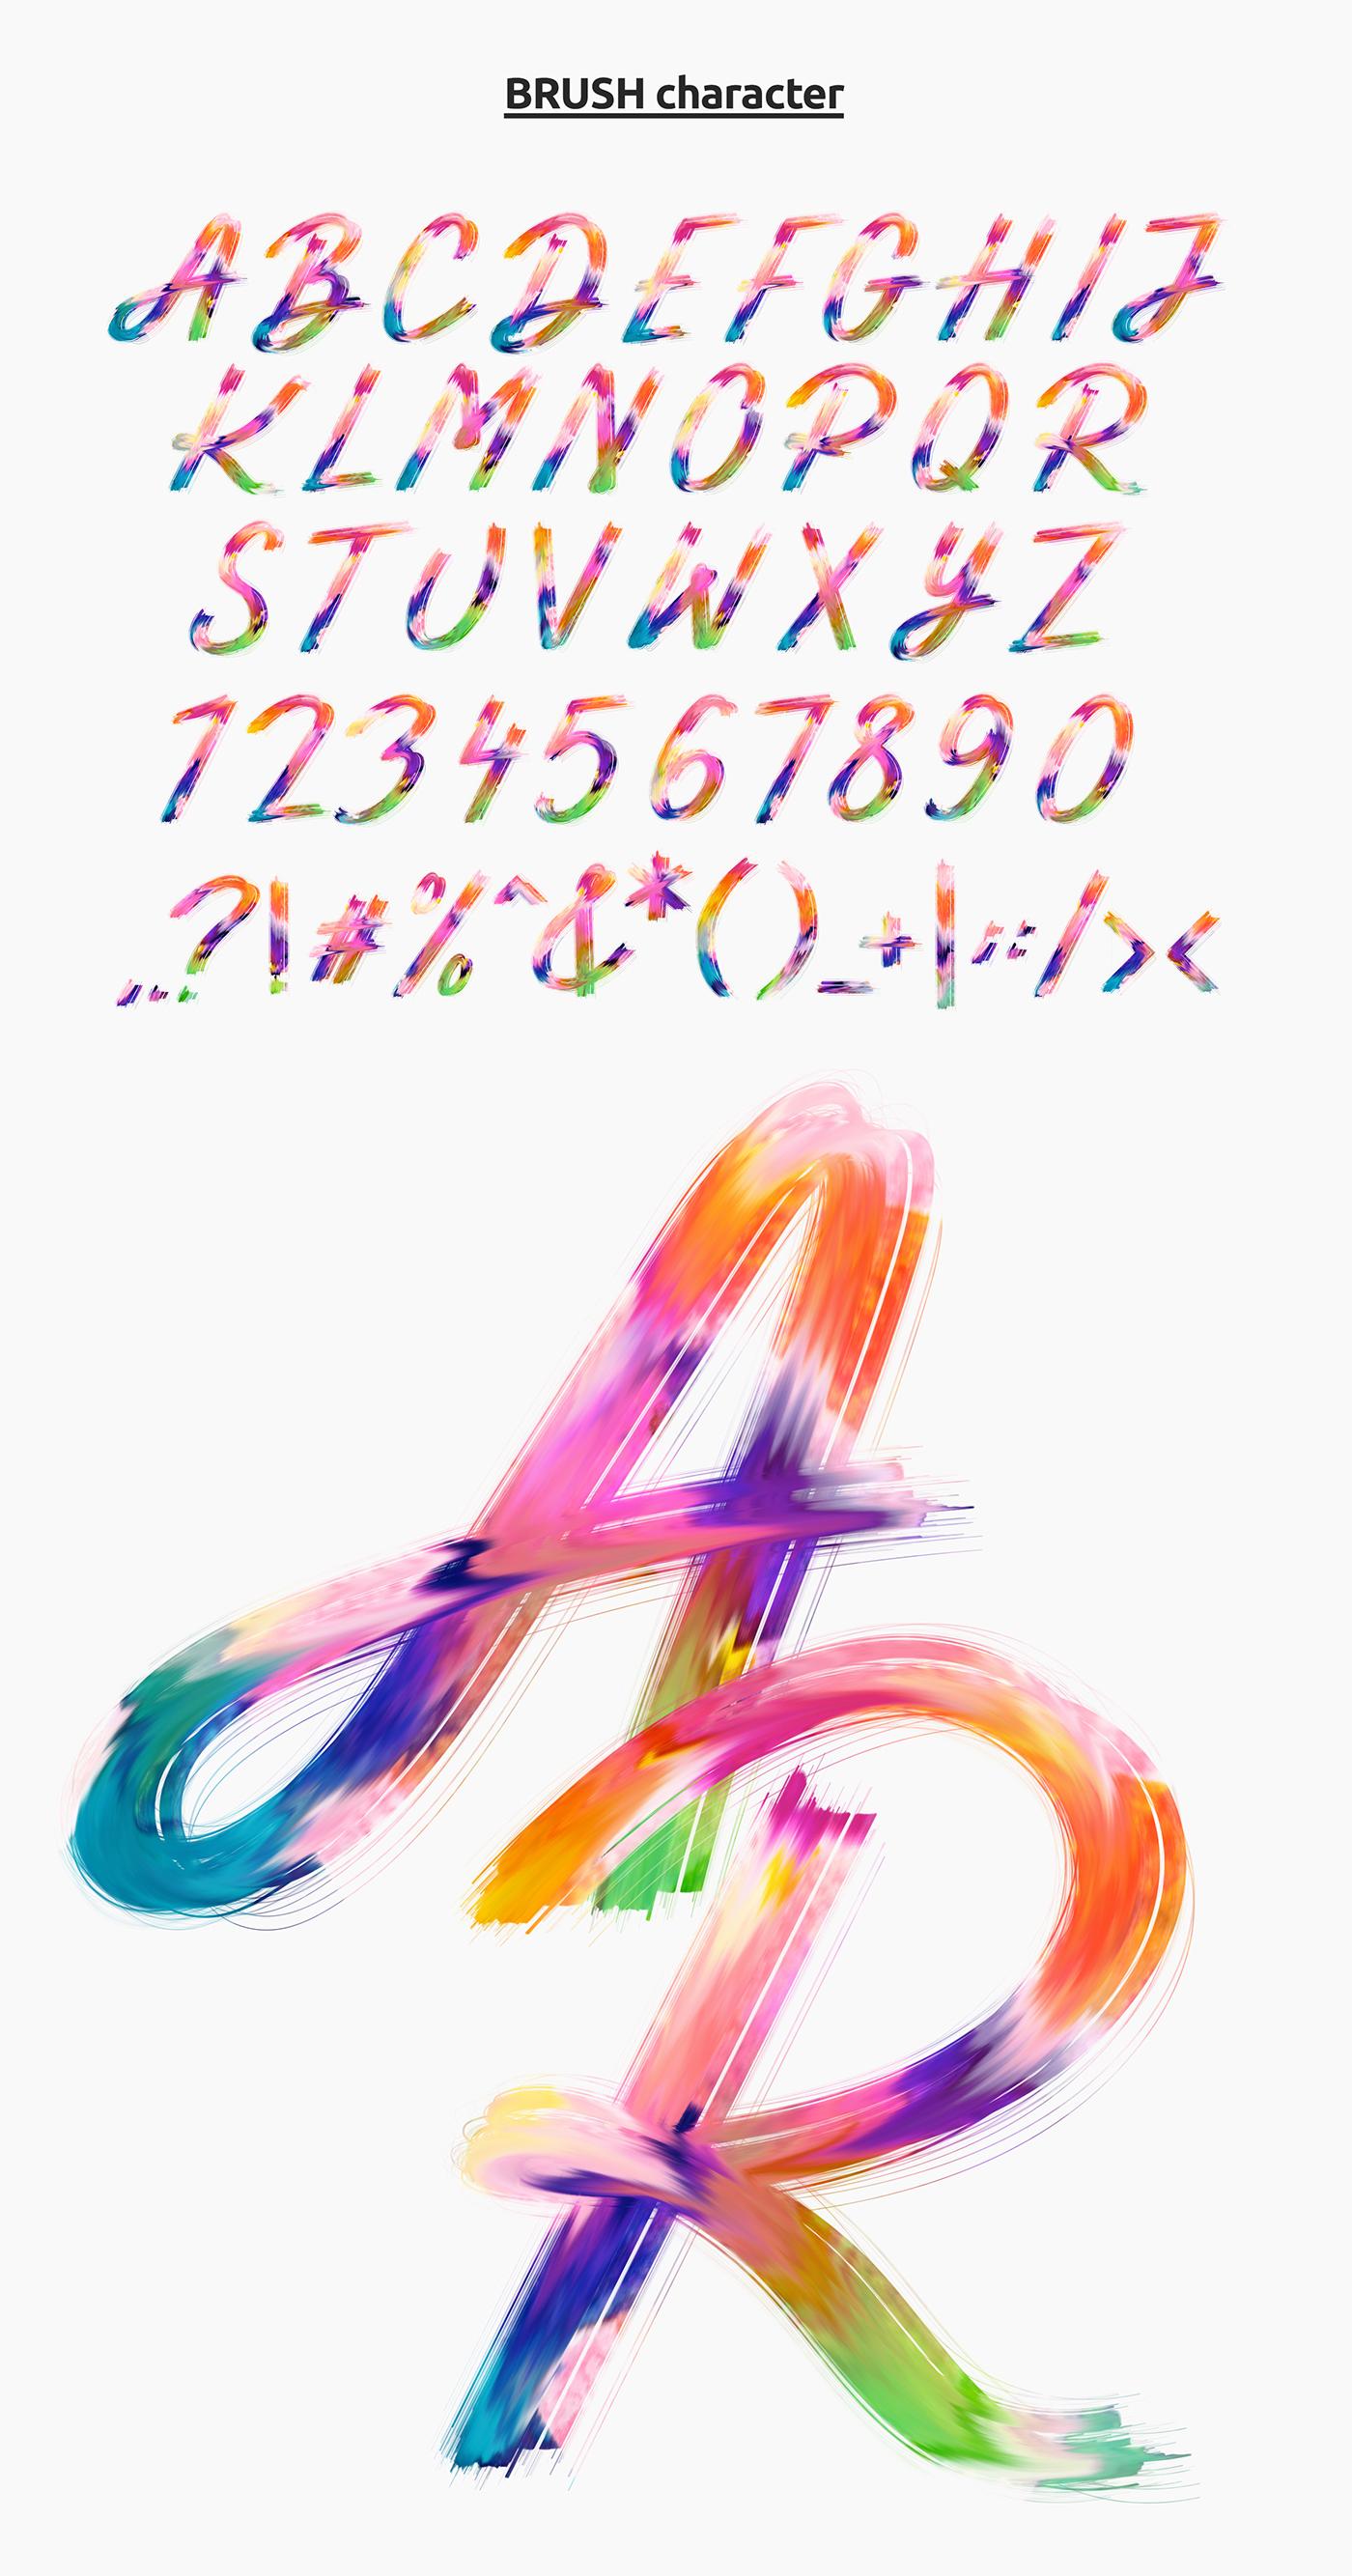 ae772854753181.5967d677047e3